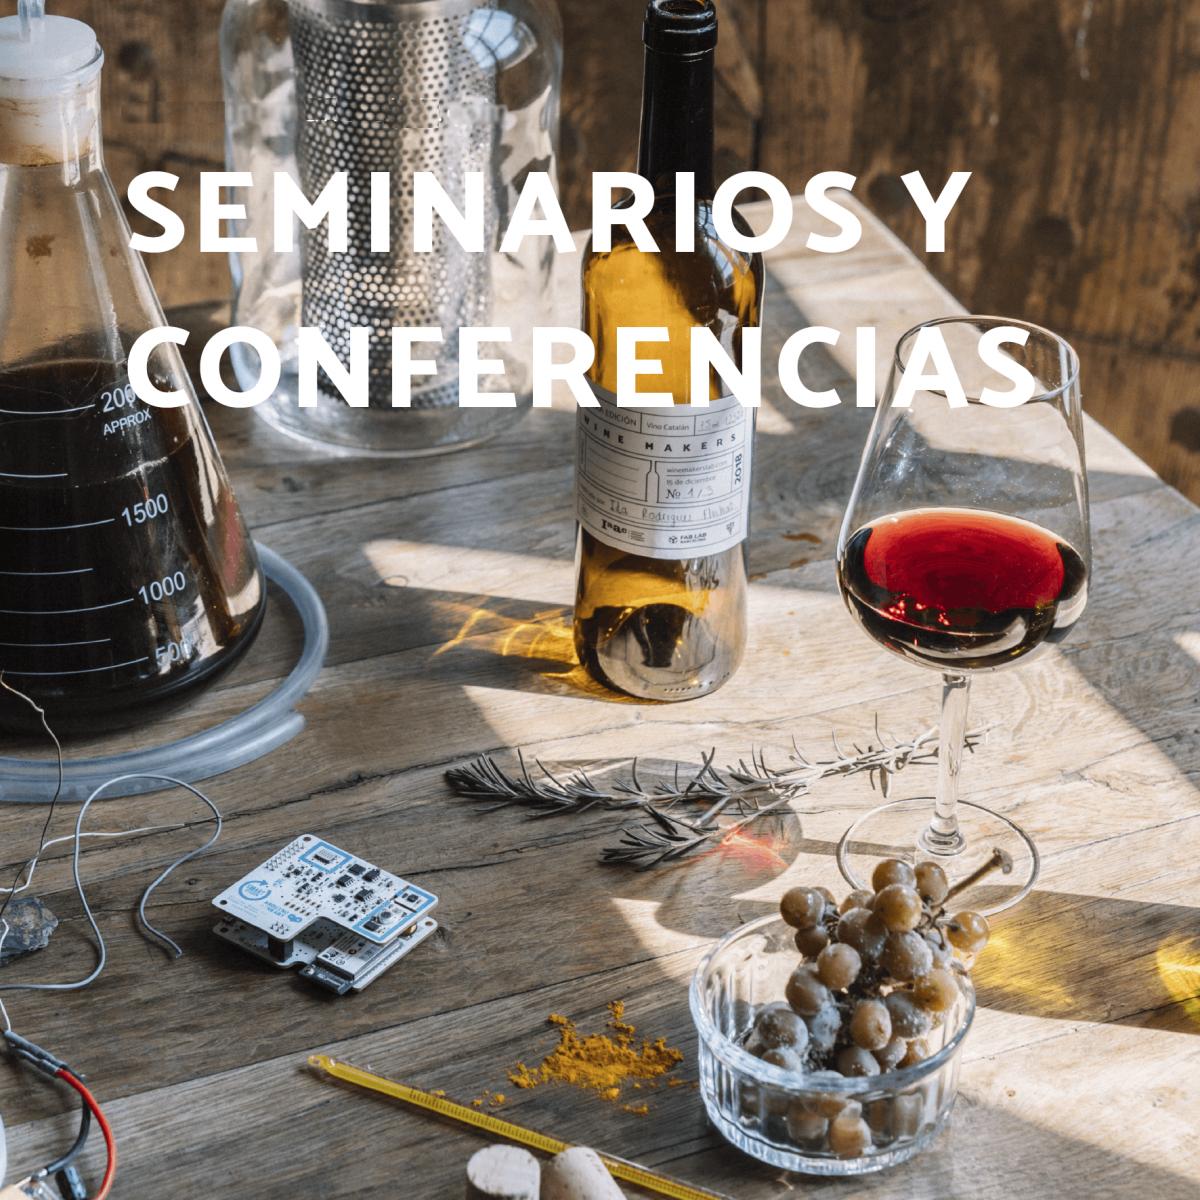 vino y seminarios - conferencias